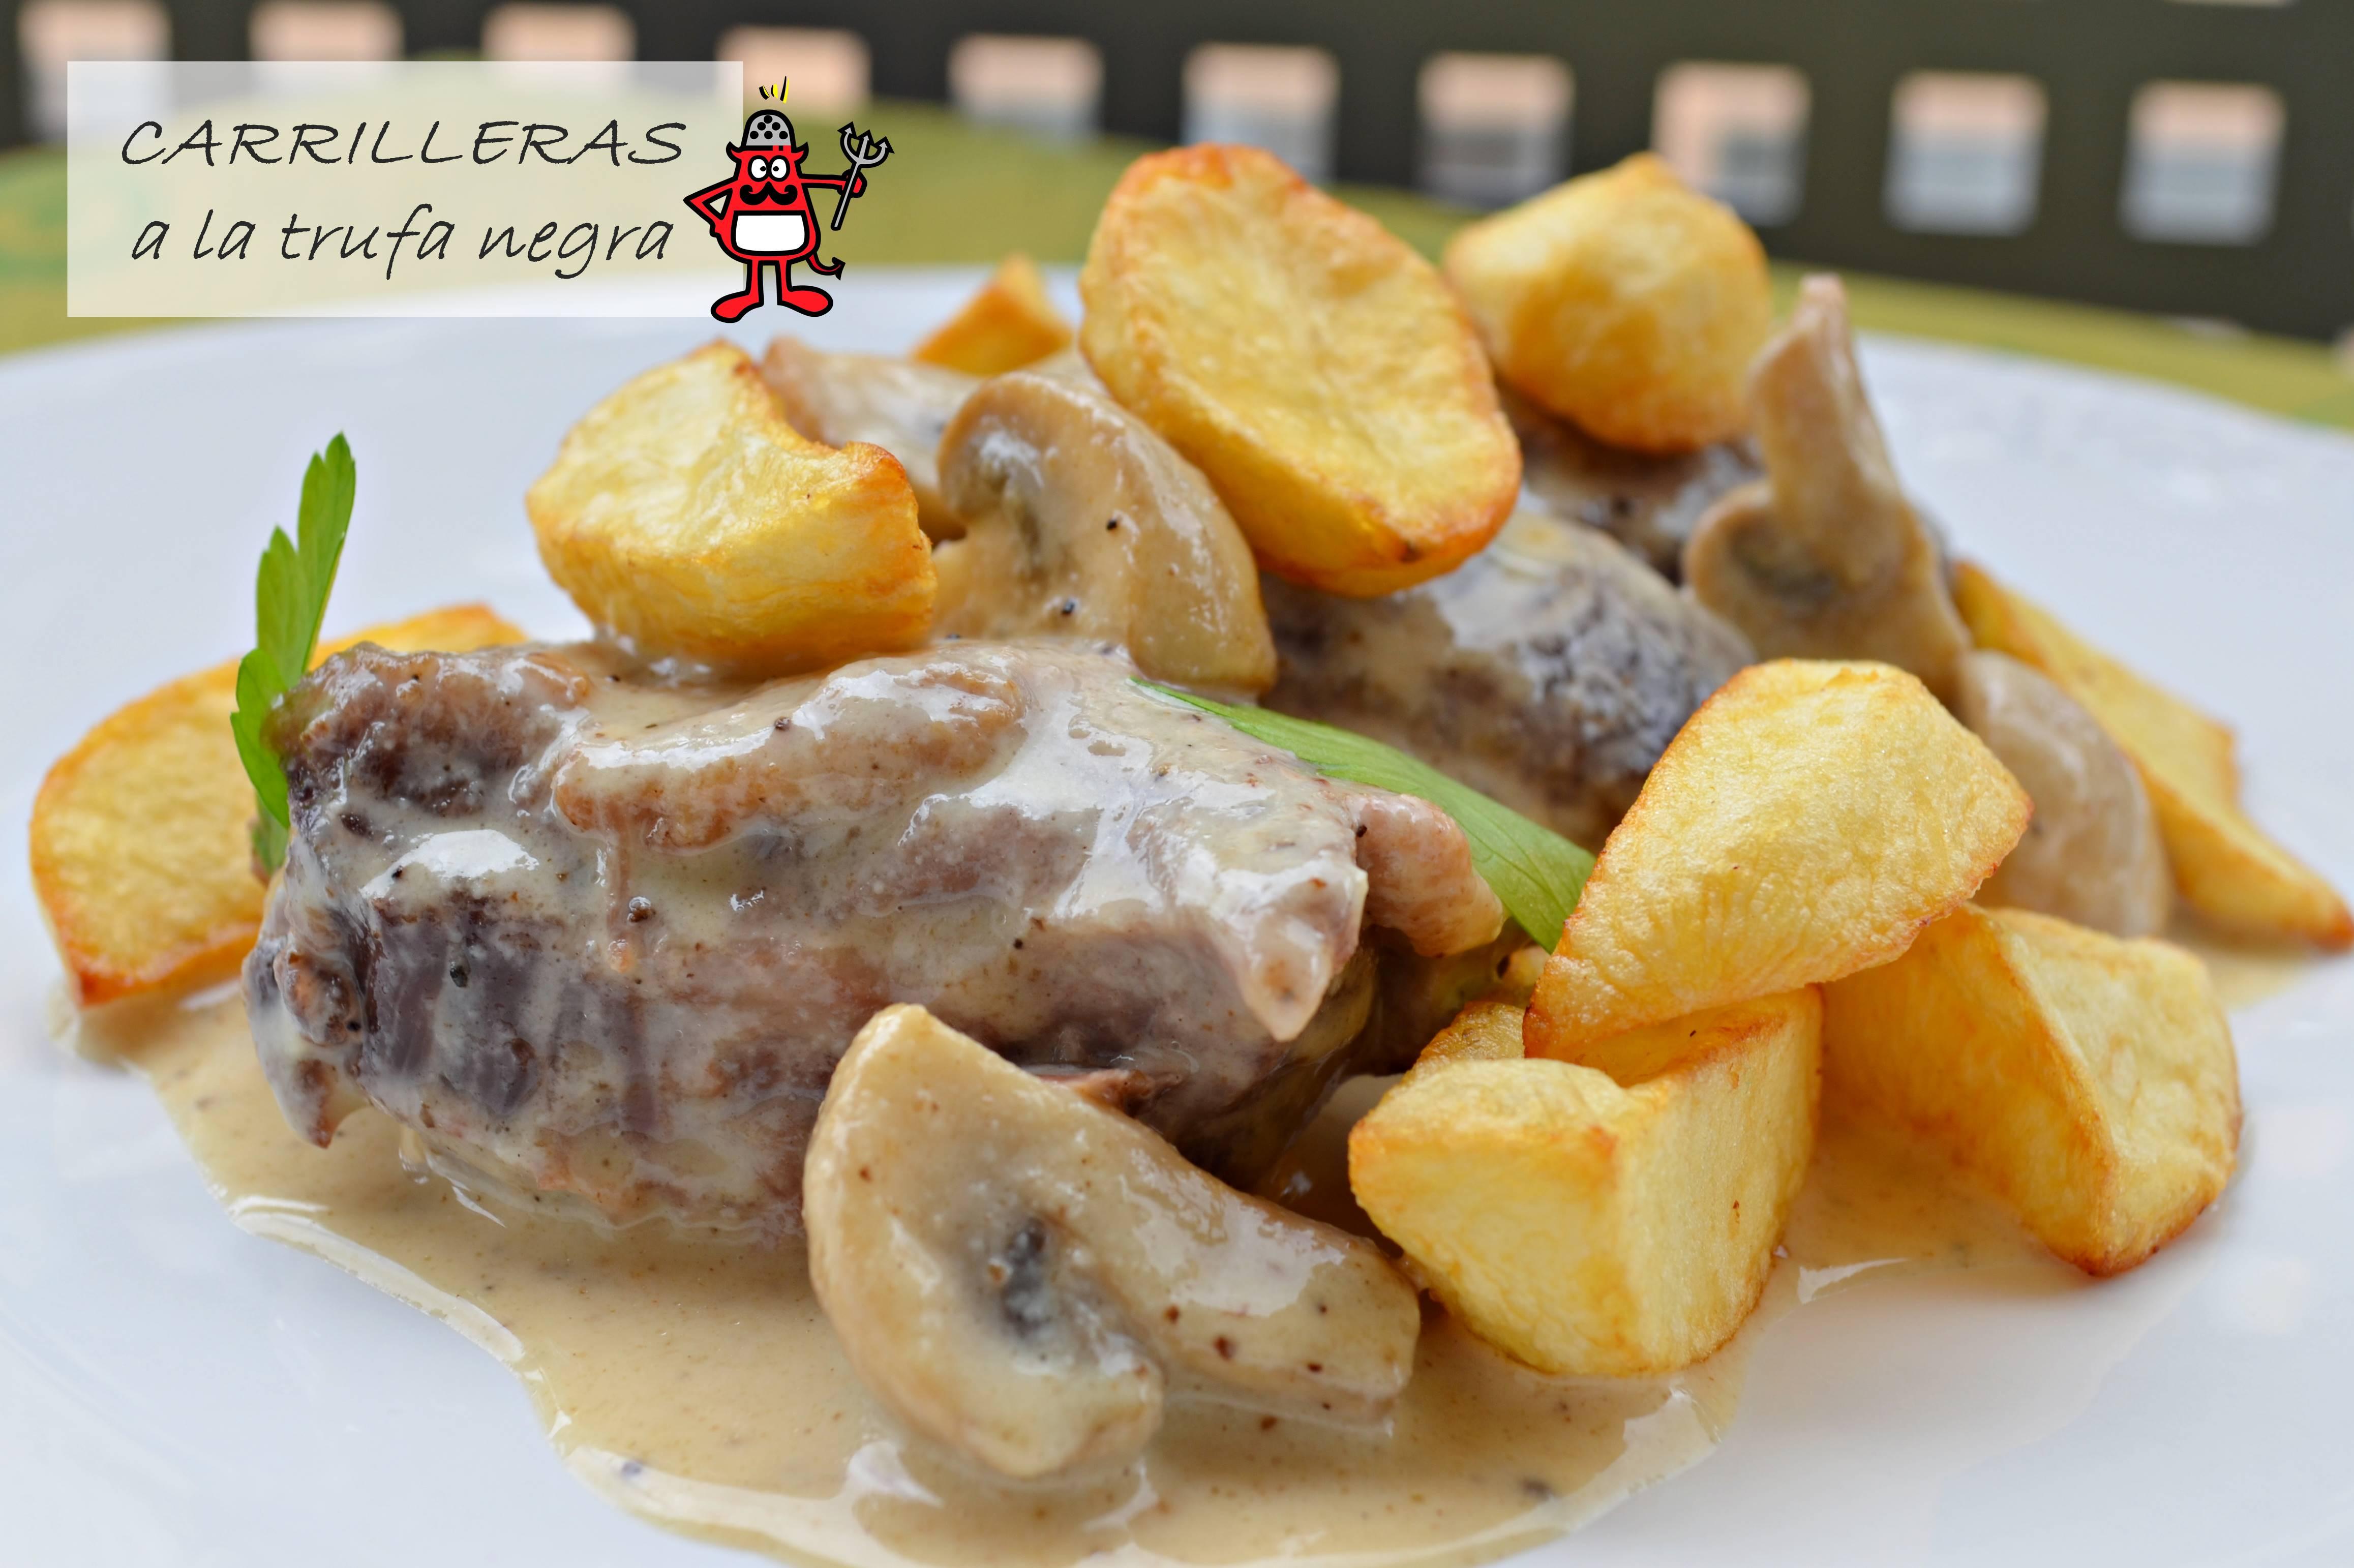 Plato de carrilleras con salsa de trufa negra acompañados de patatas fritas y setas.